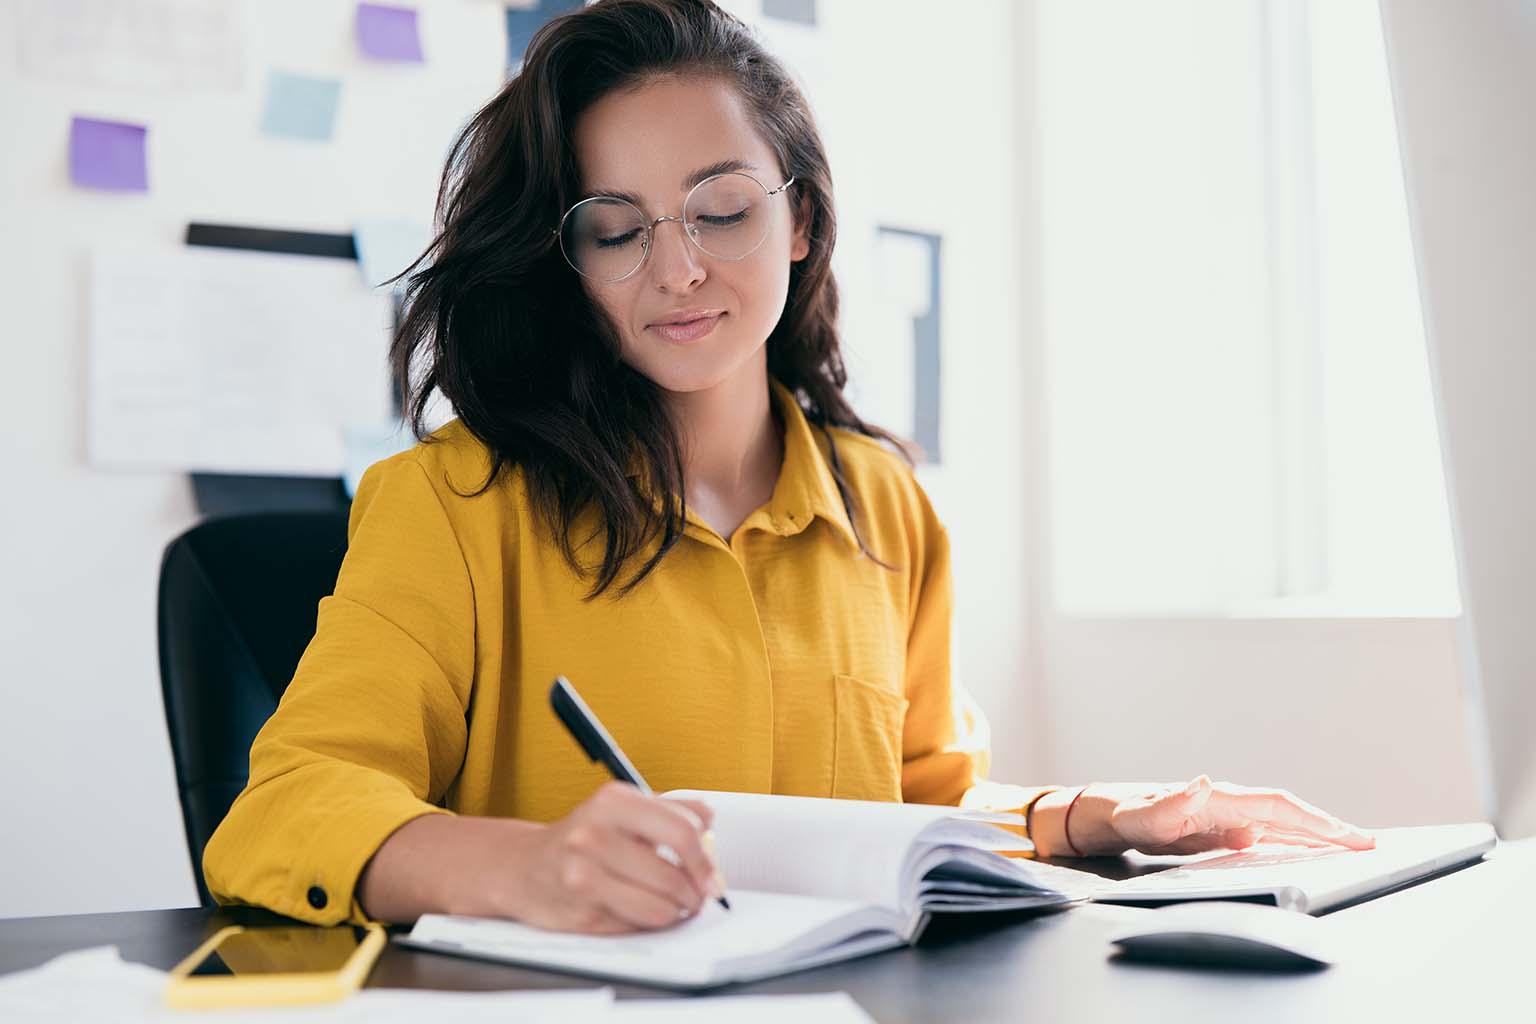 Woman at Desk Writing